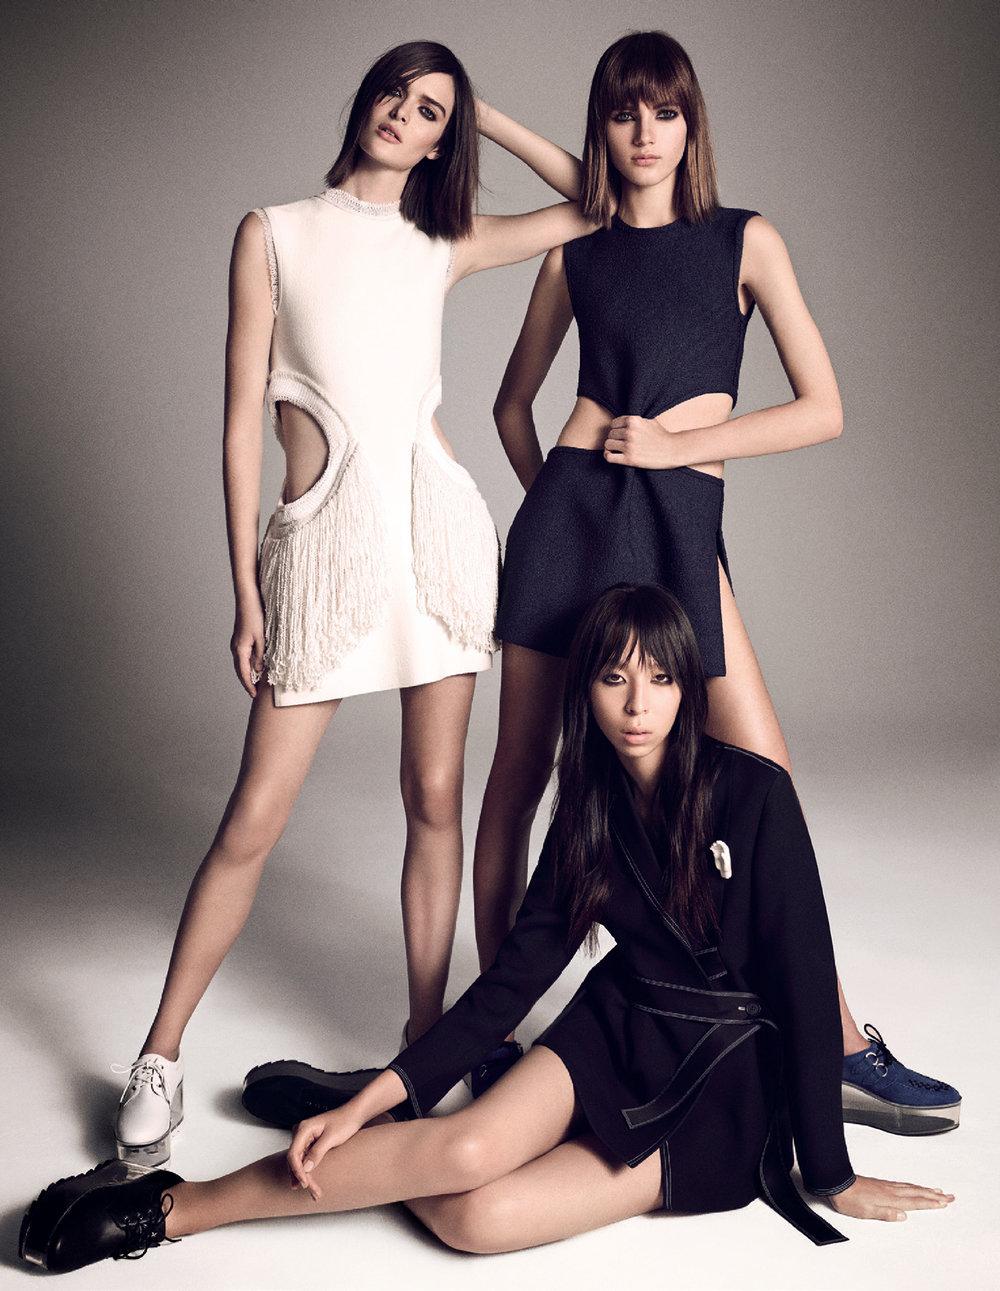 Giovanna-Battaglia-Vogue-Japan-March-2015-Digital-Generation-11.jpg